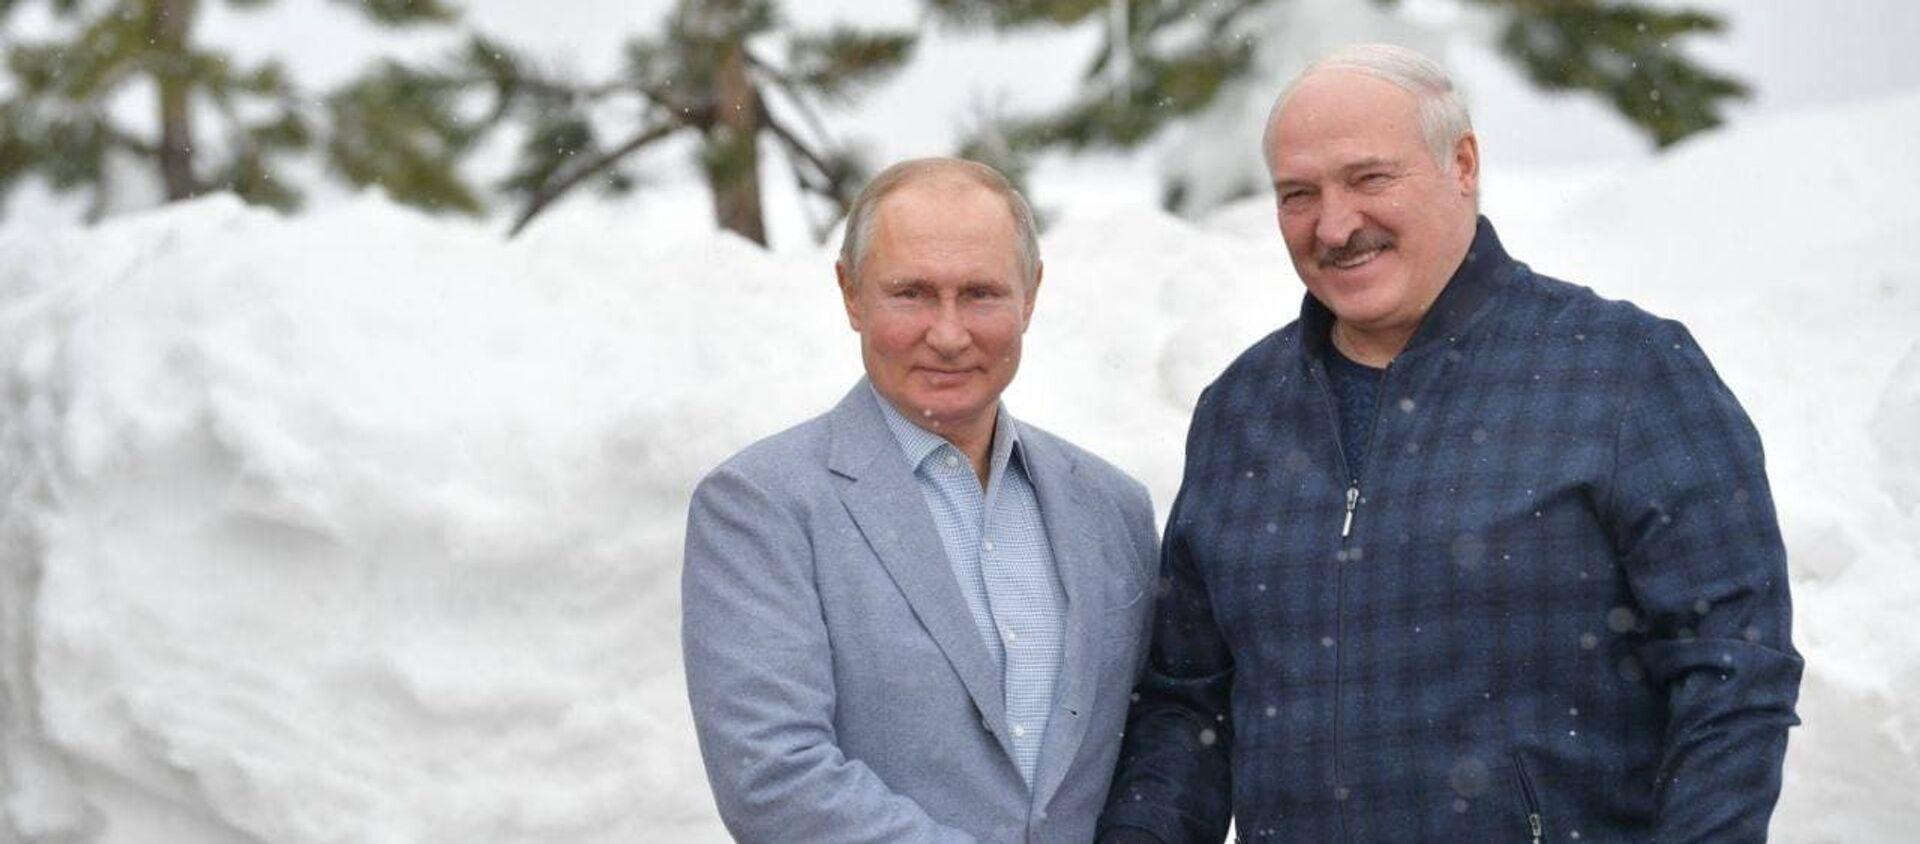 Аляксандр Лукашэнка і Уладзімір Пуцін у Сочы - Sputnik Беларусь, 1920, 22.02.2021